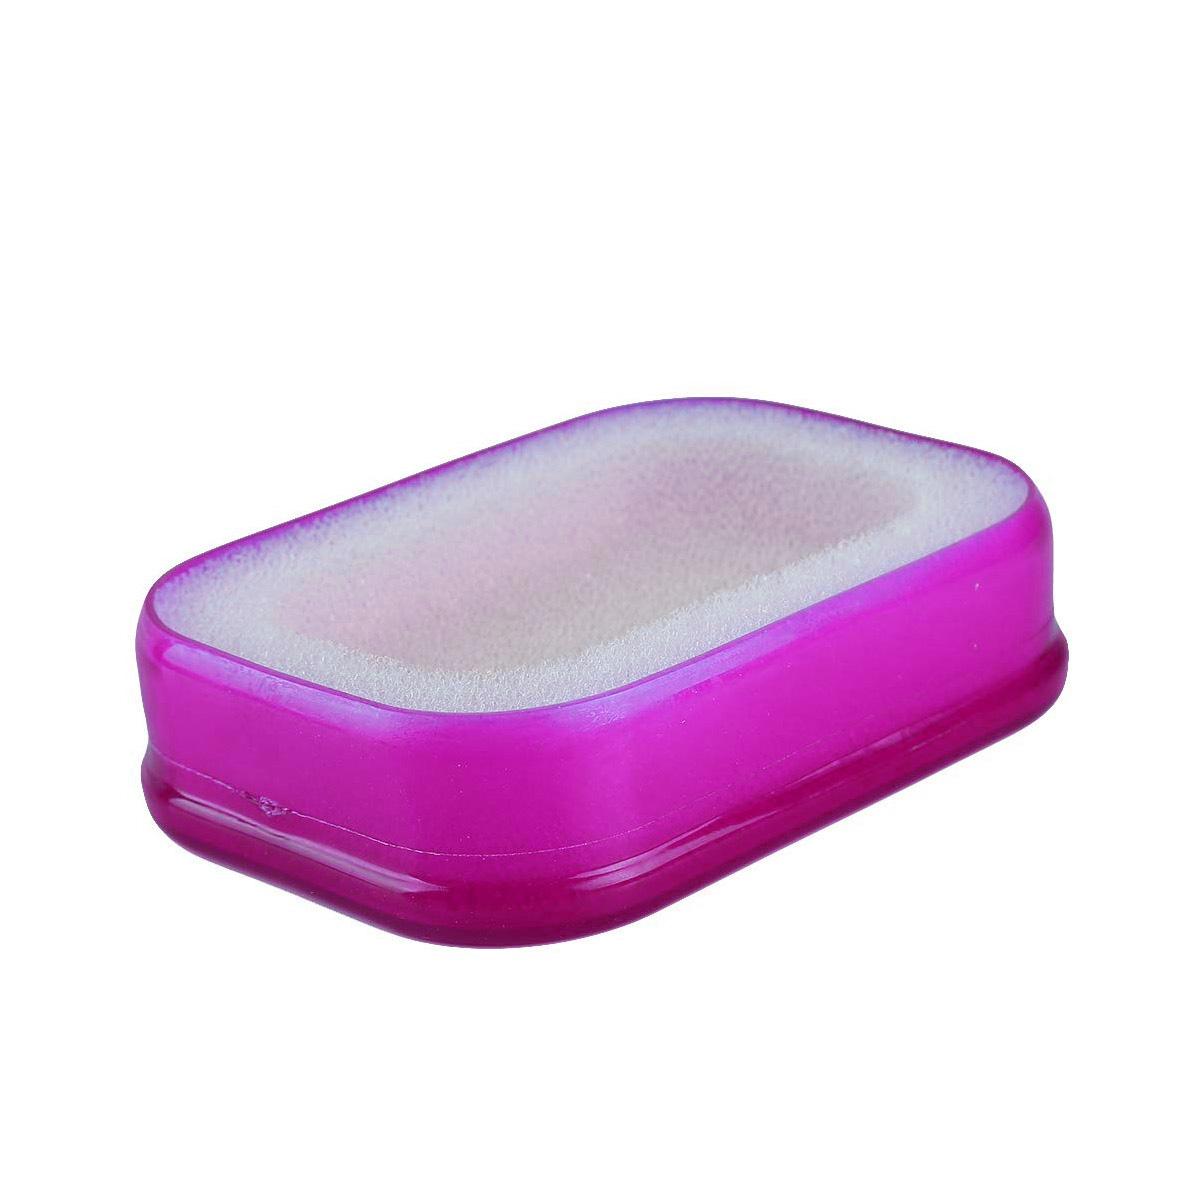 Мультифункциональная губка мыльница в пластиковой коробке, фиолетовый,